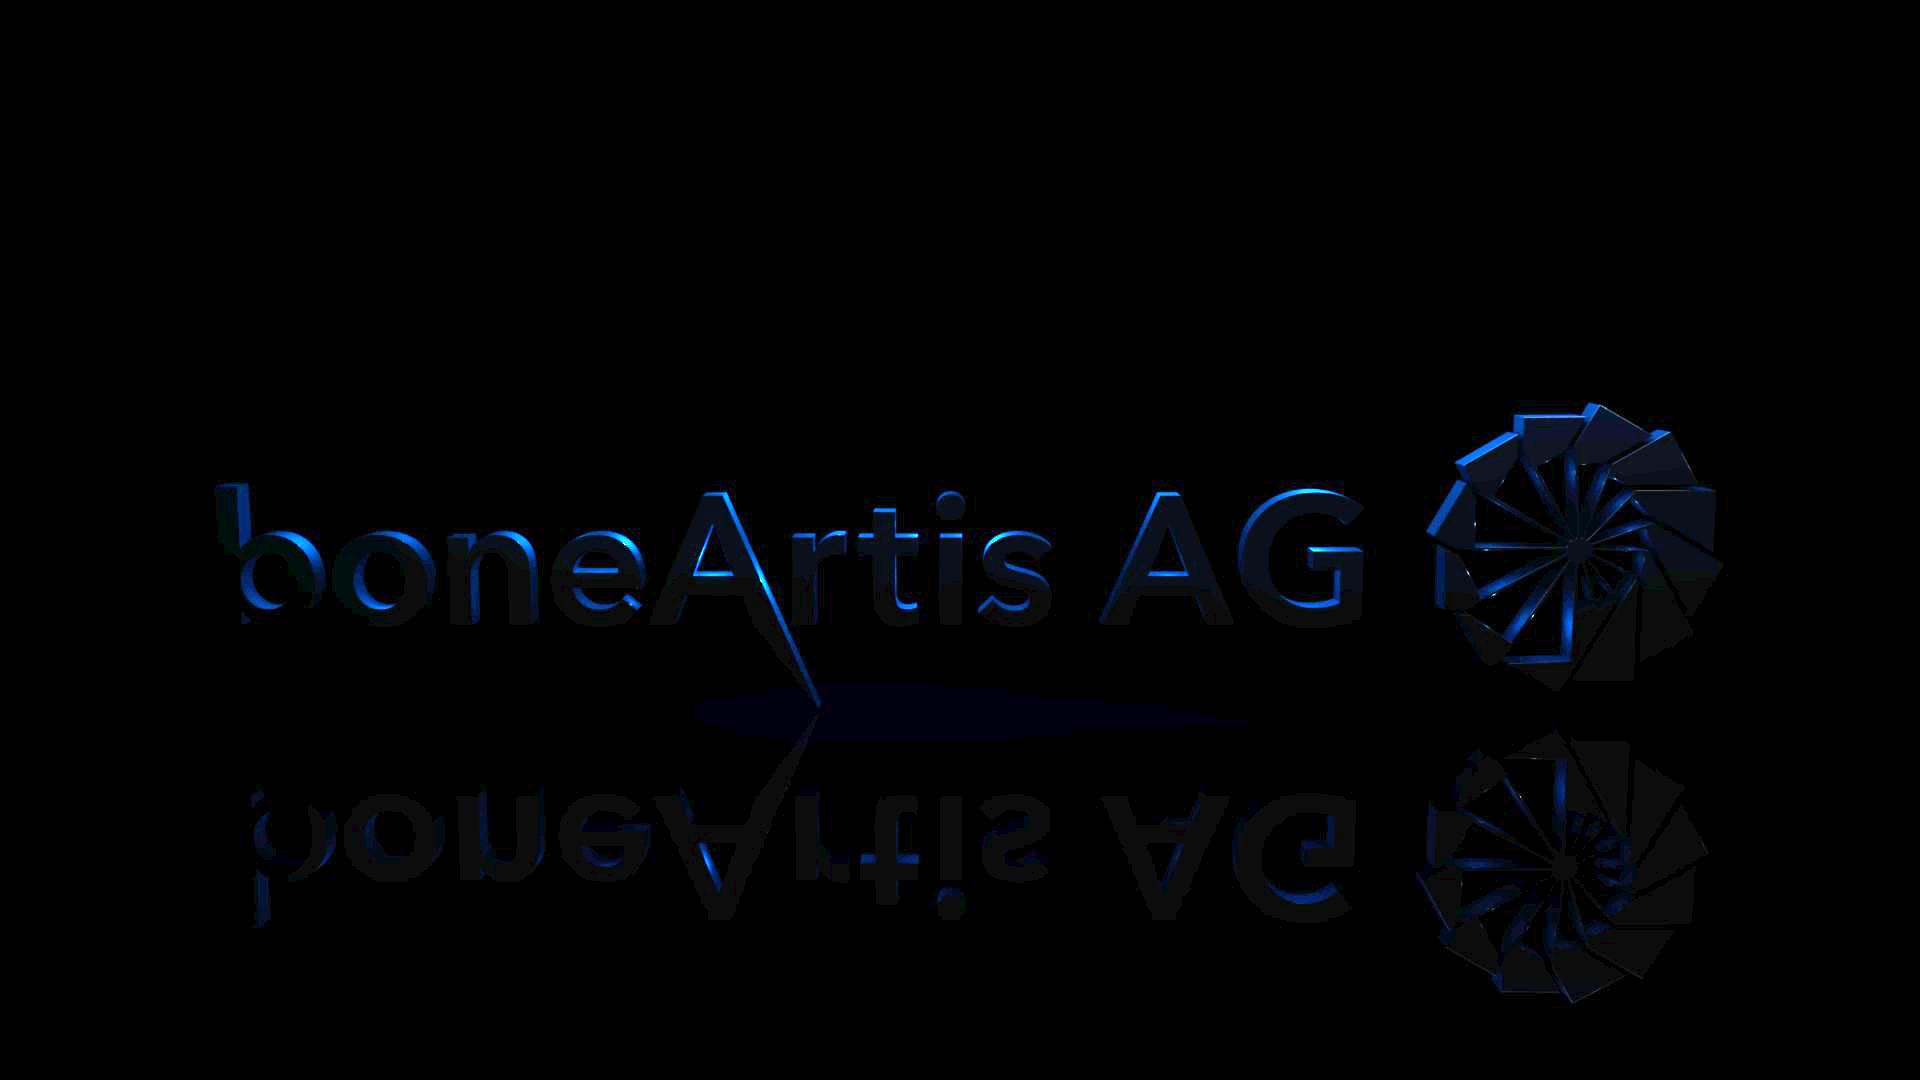 BONEARTIS AG LOGOTYPE  I  MODEL